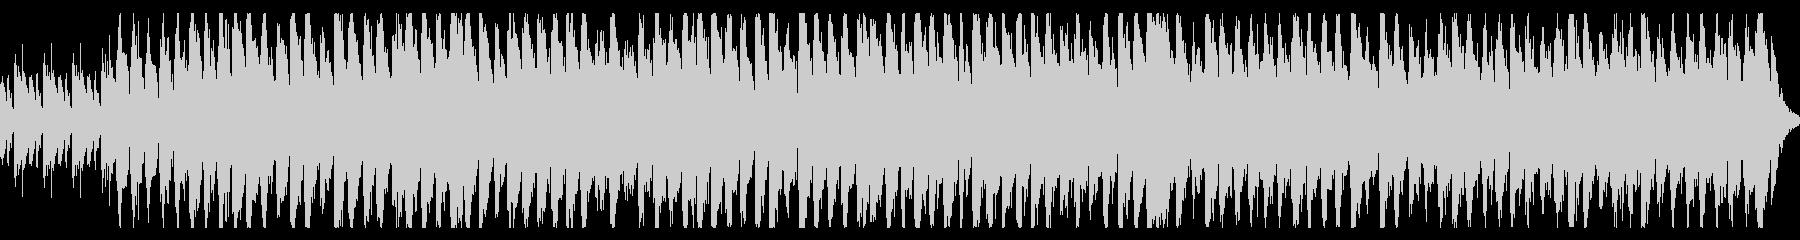 サイコ野郎なテーマ(ループ可能)の未再生の波形